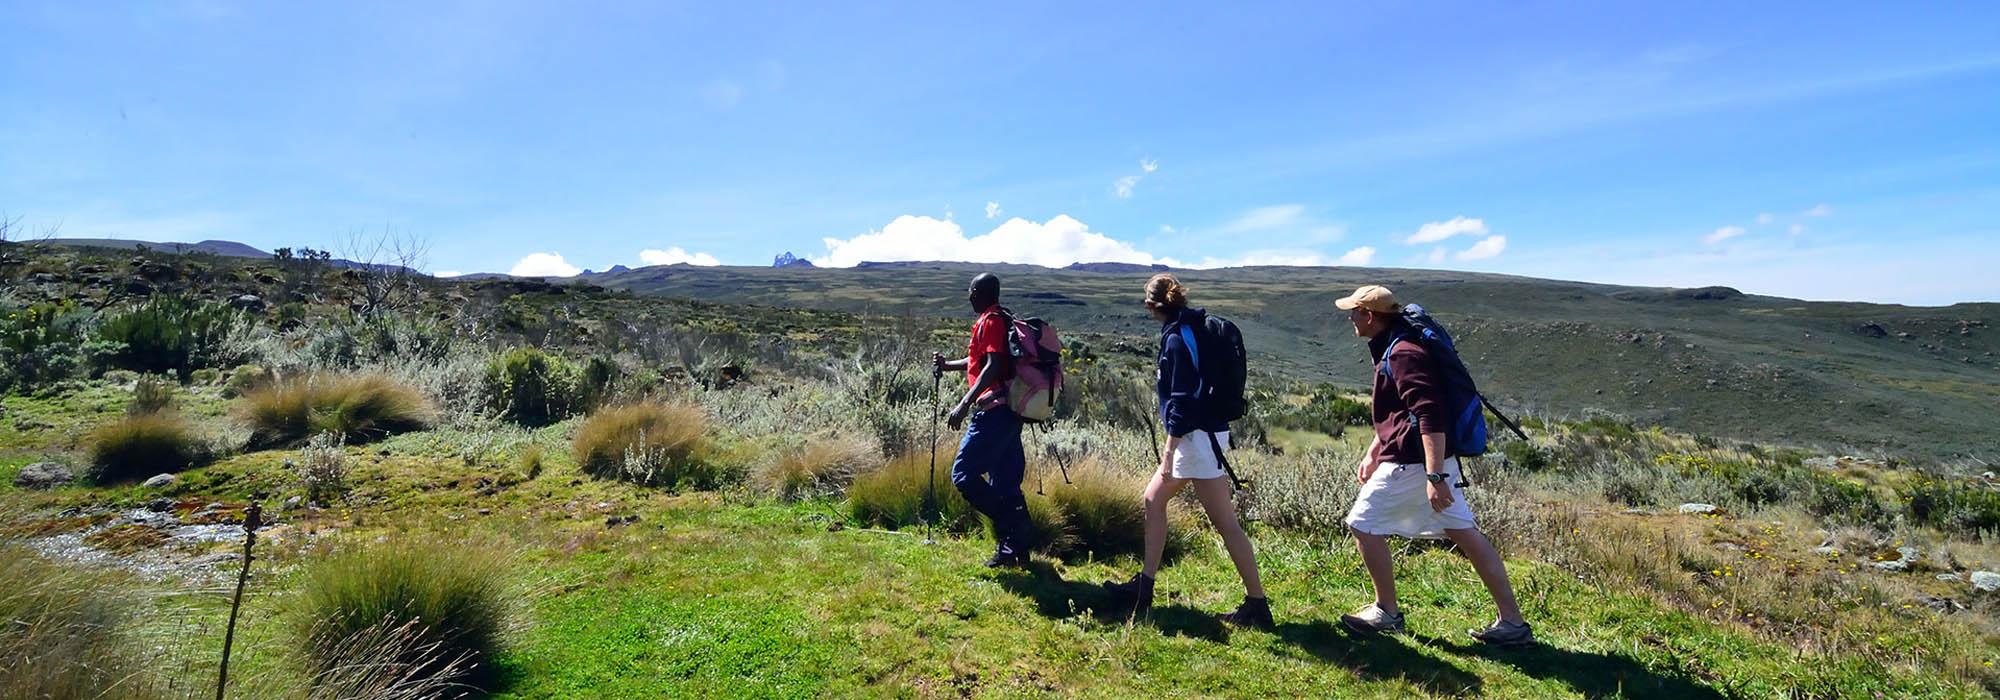 Hikes and Trekking